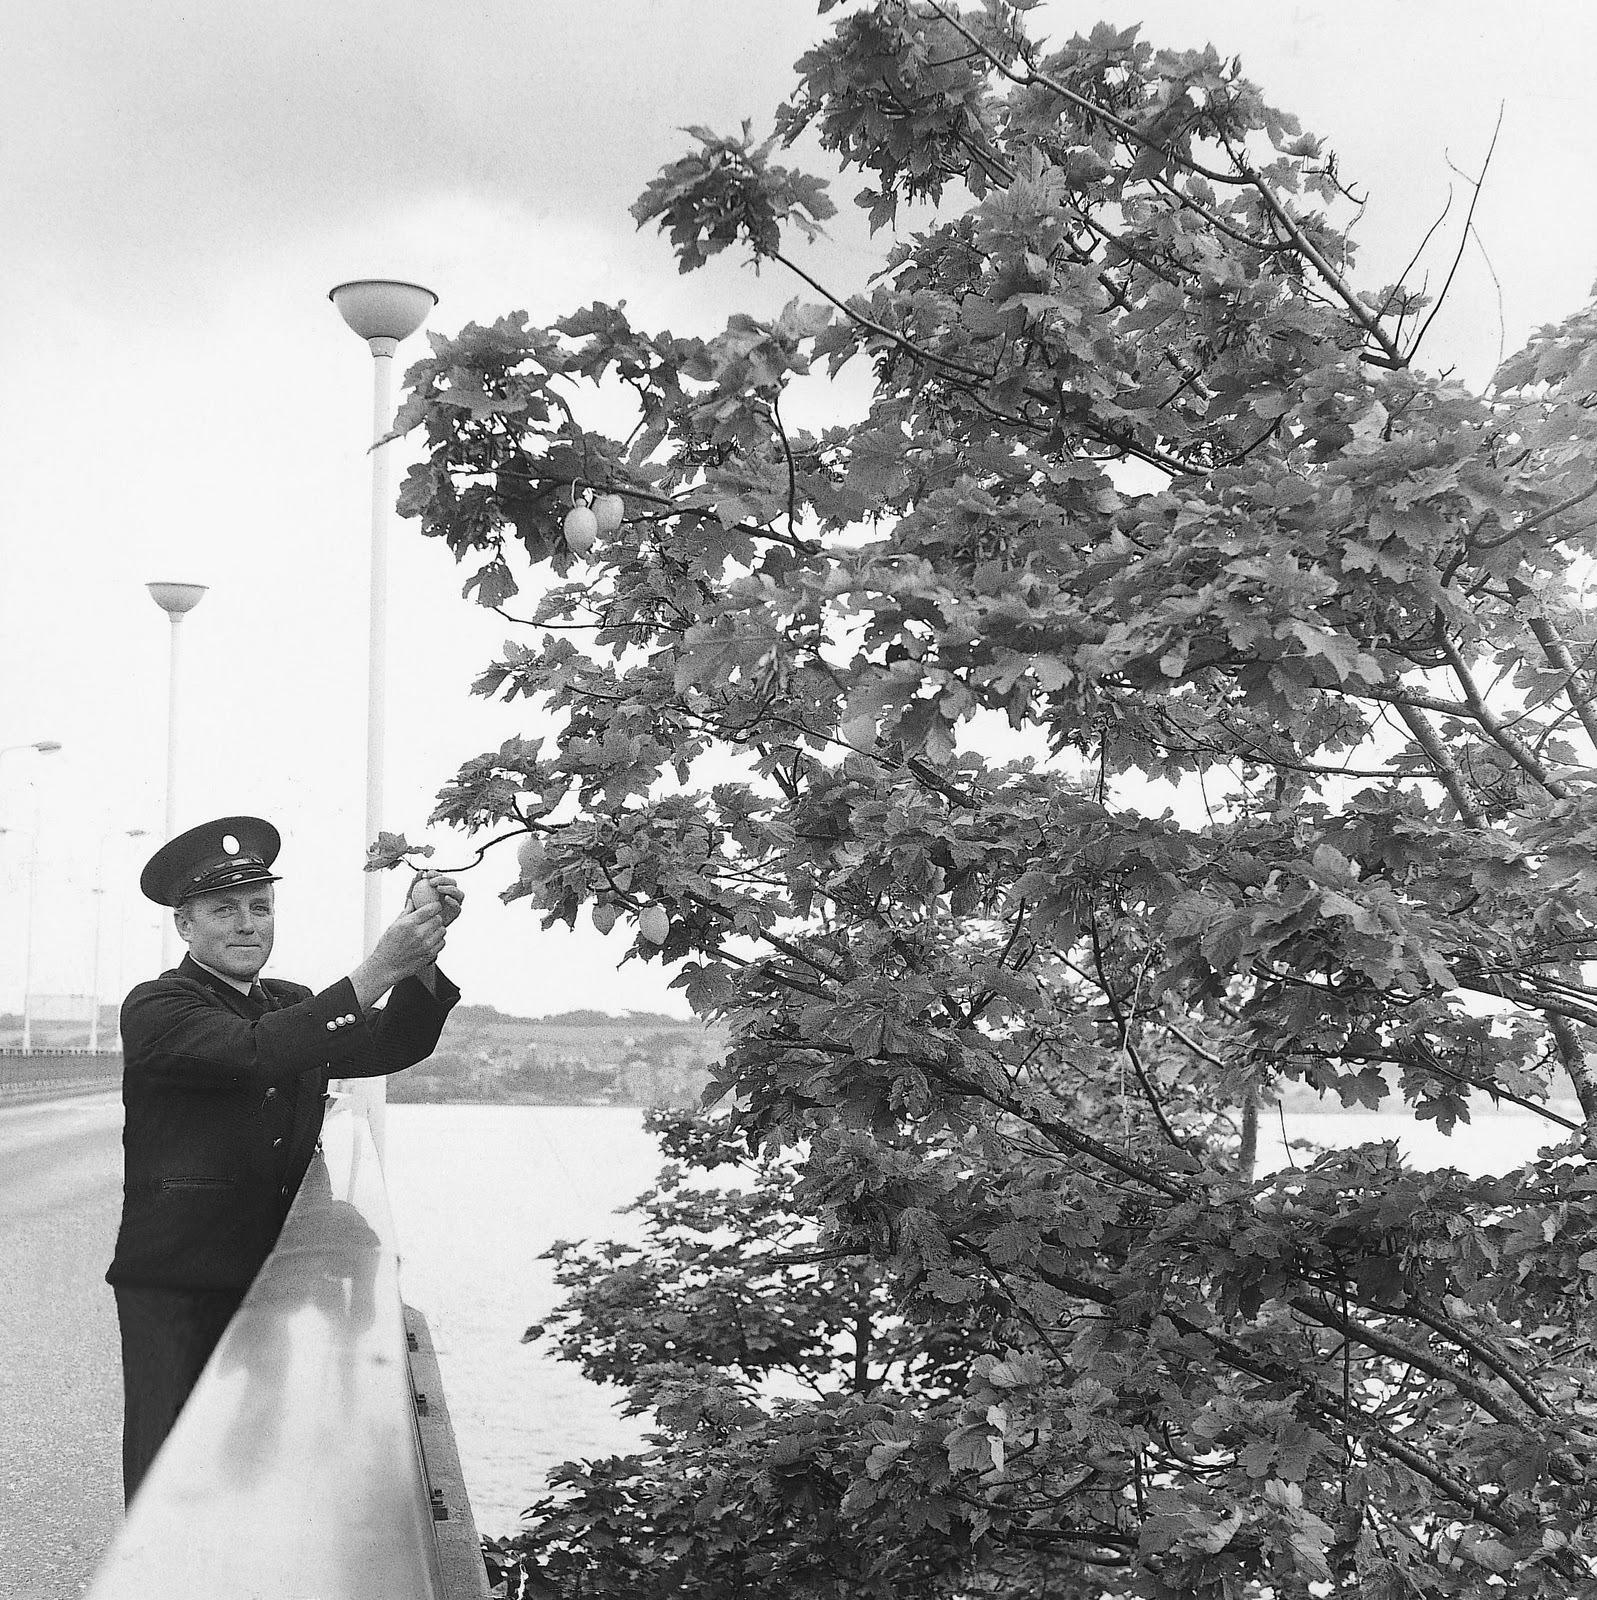 The original Jif Lemon tree.